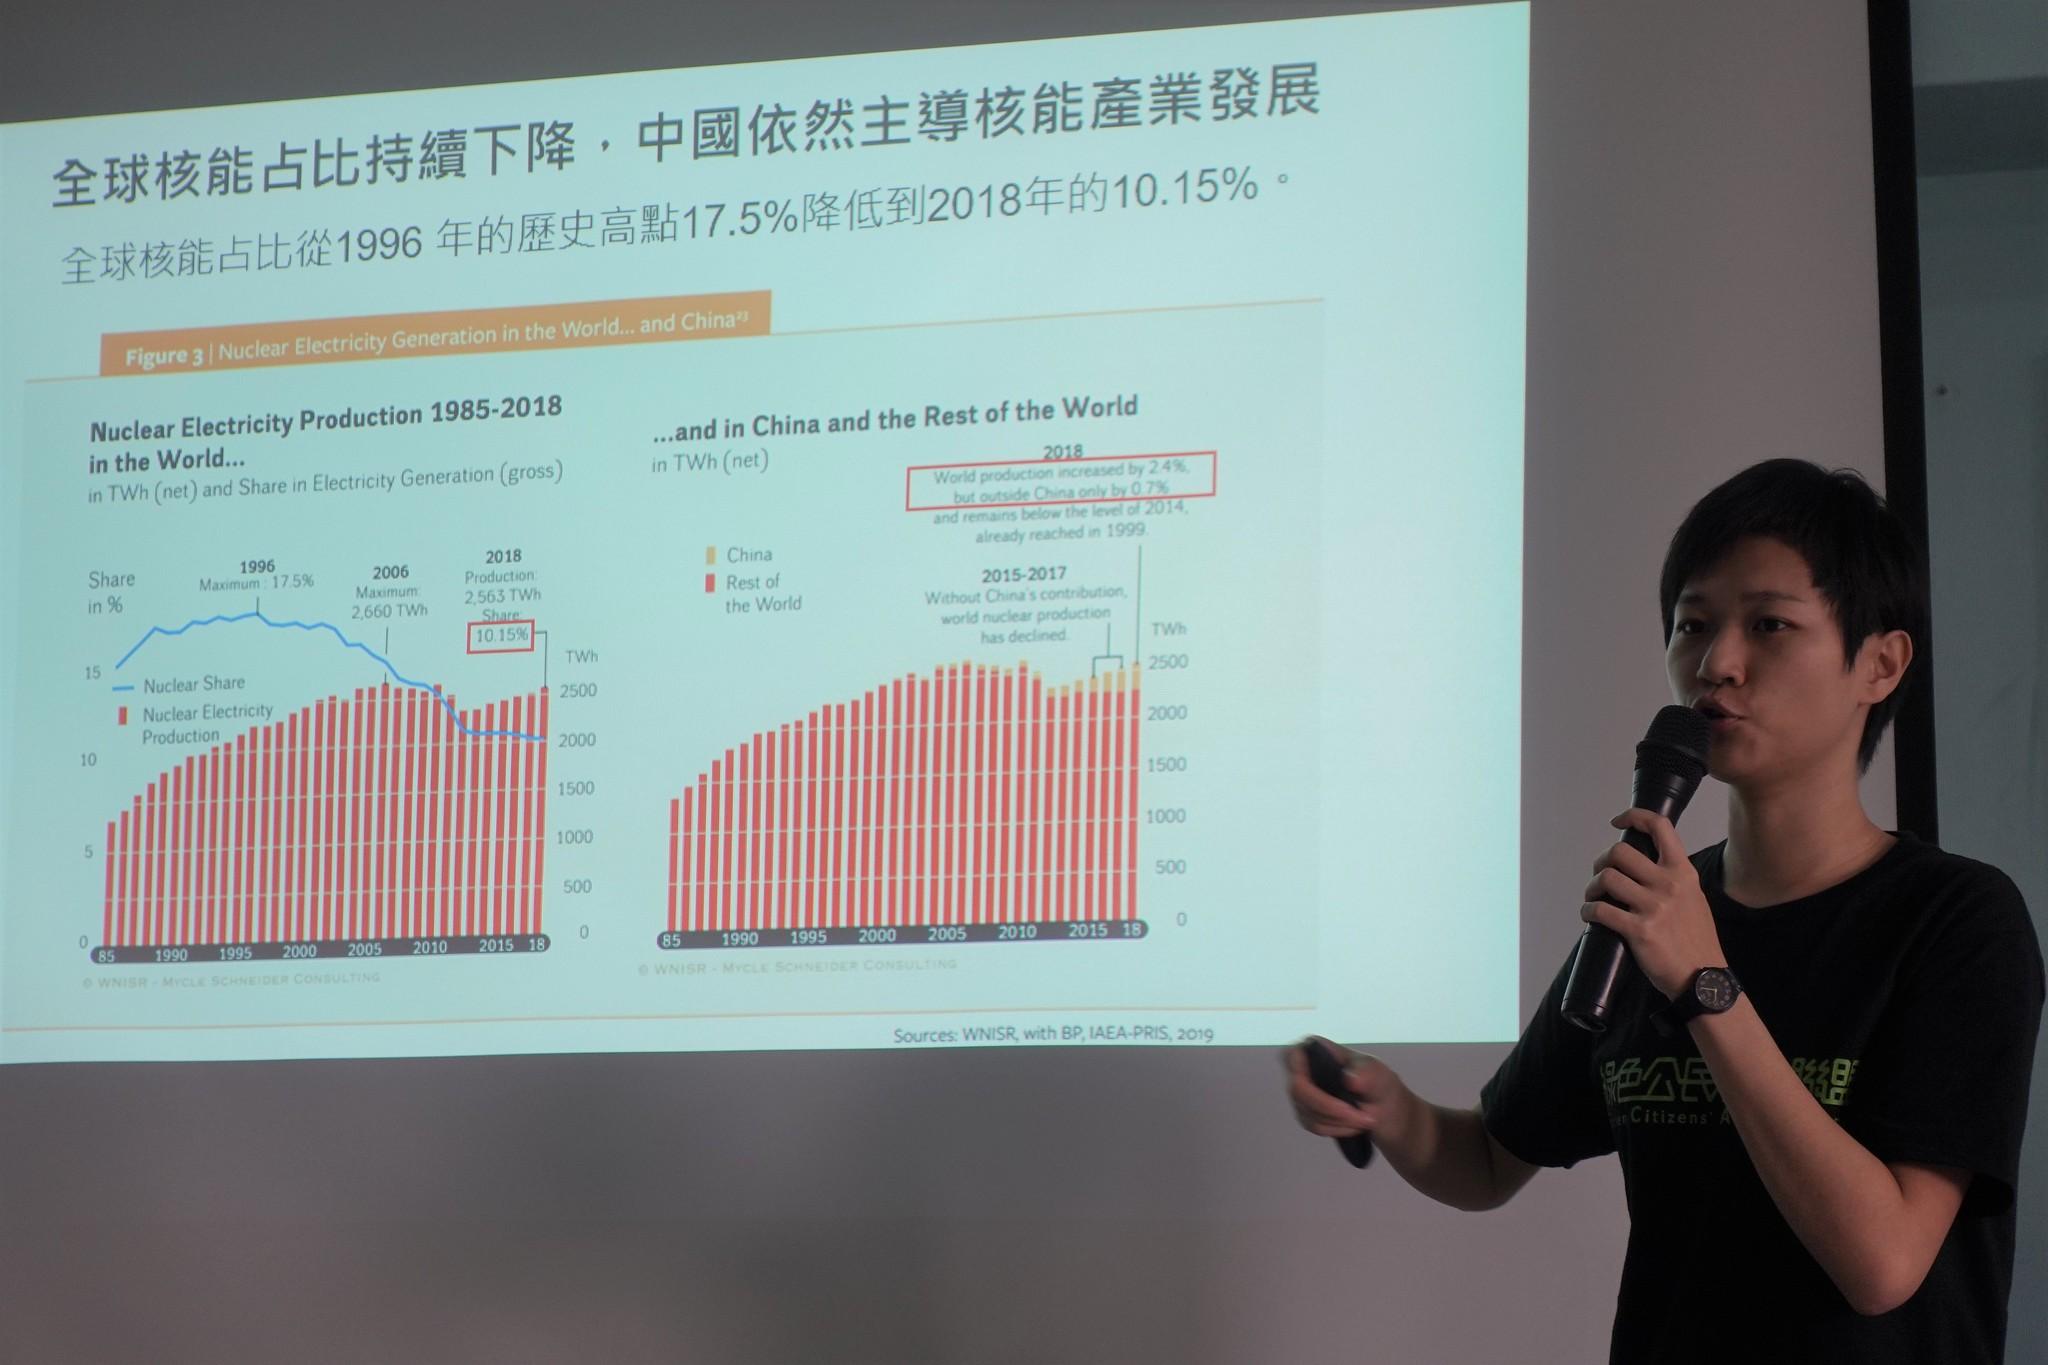 綠色公民行動聯盟今日公布《世界核電產業現況報告》中文摘要。(攝影:張智琦)